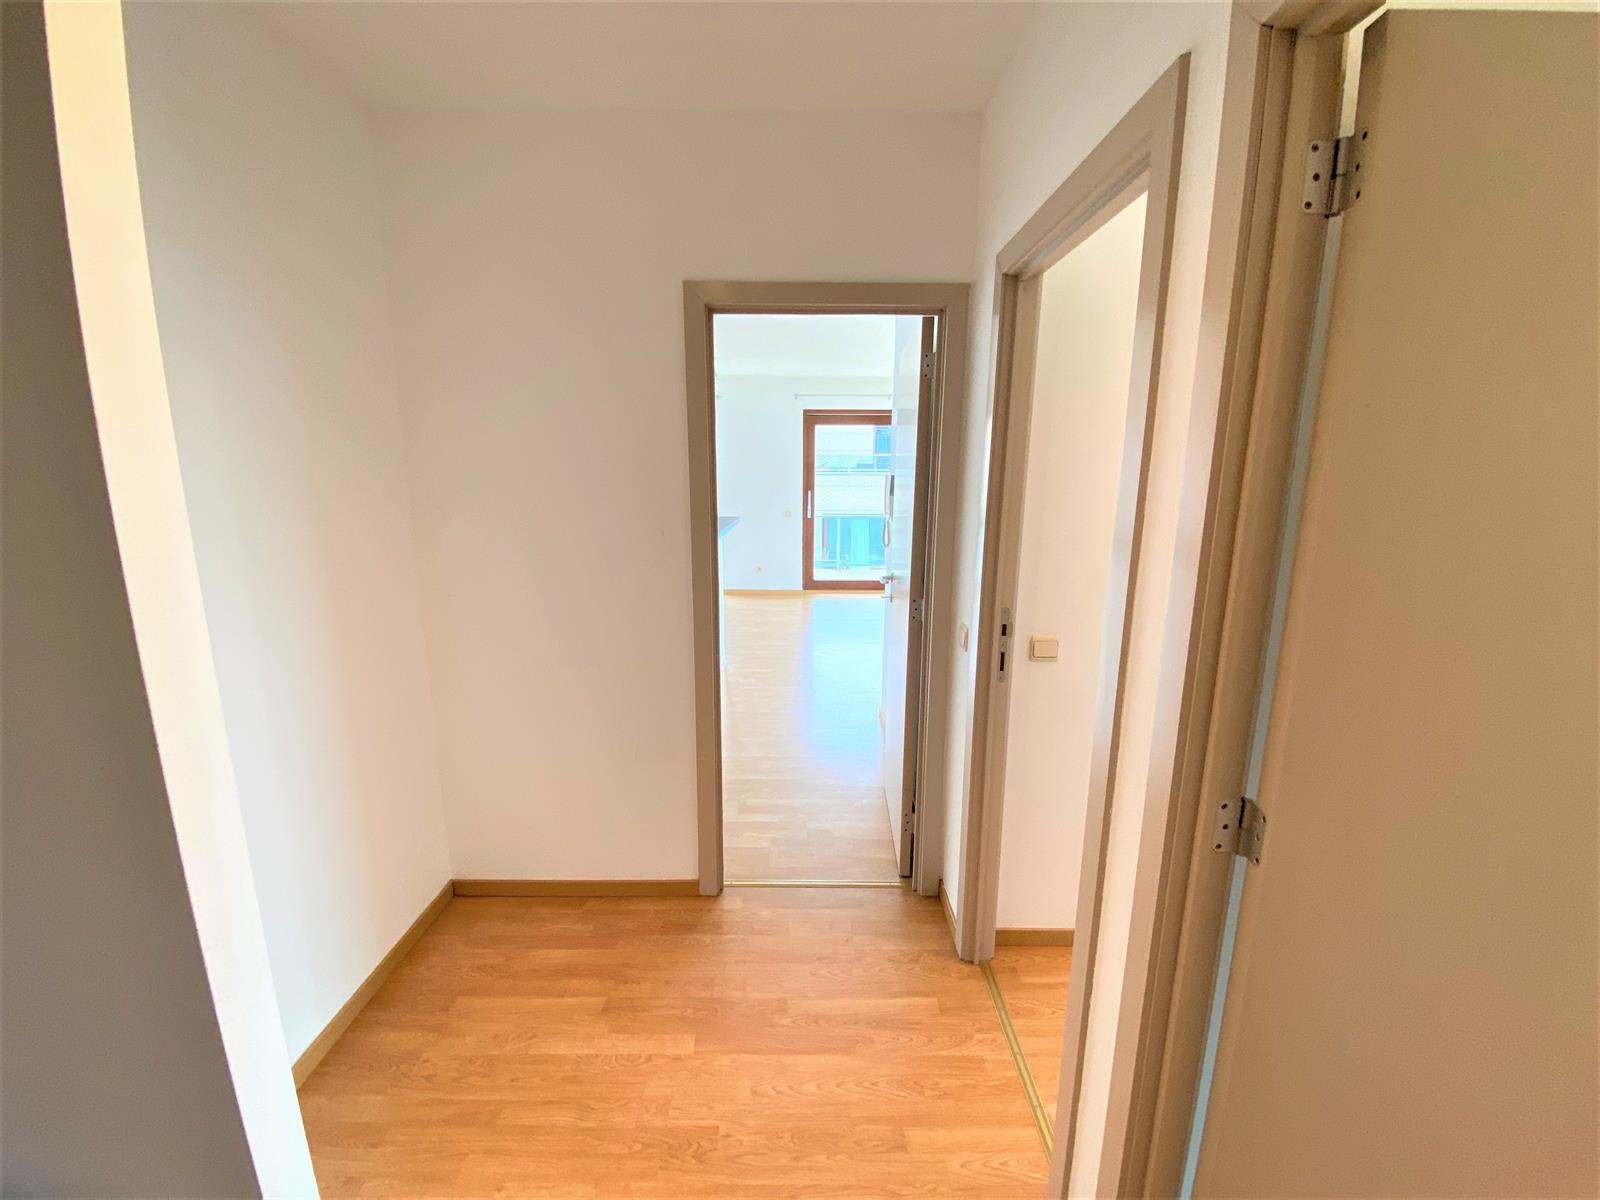 Appartement - Woluwe-Saint-Pierre - #4146297-6